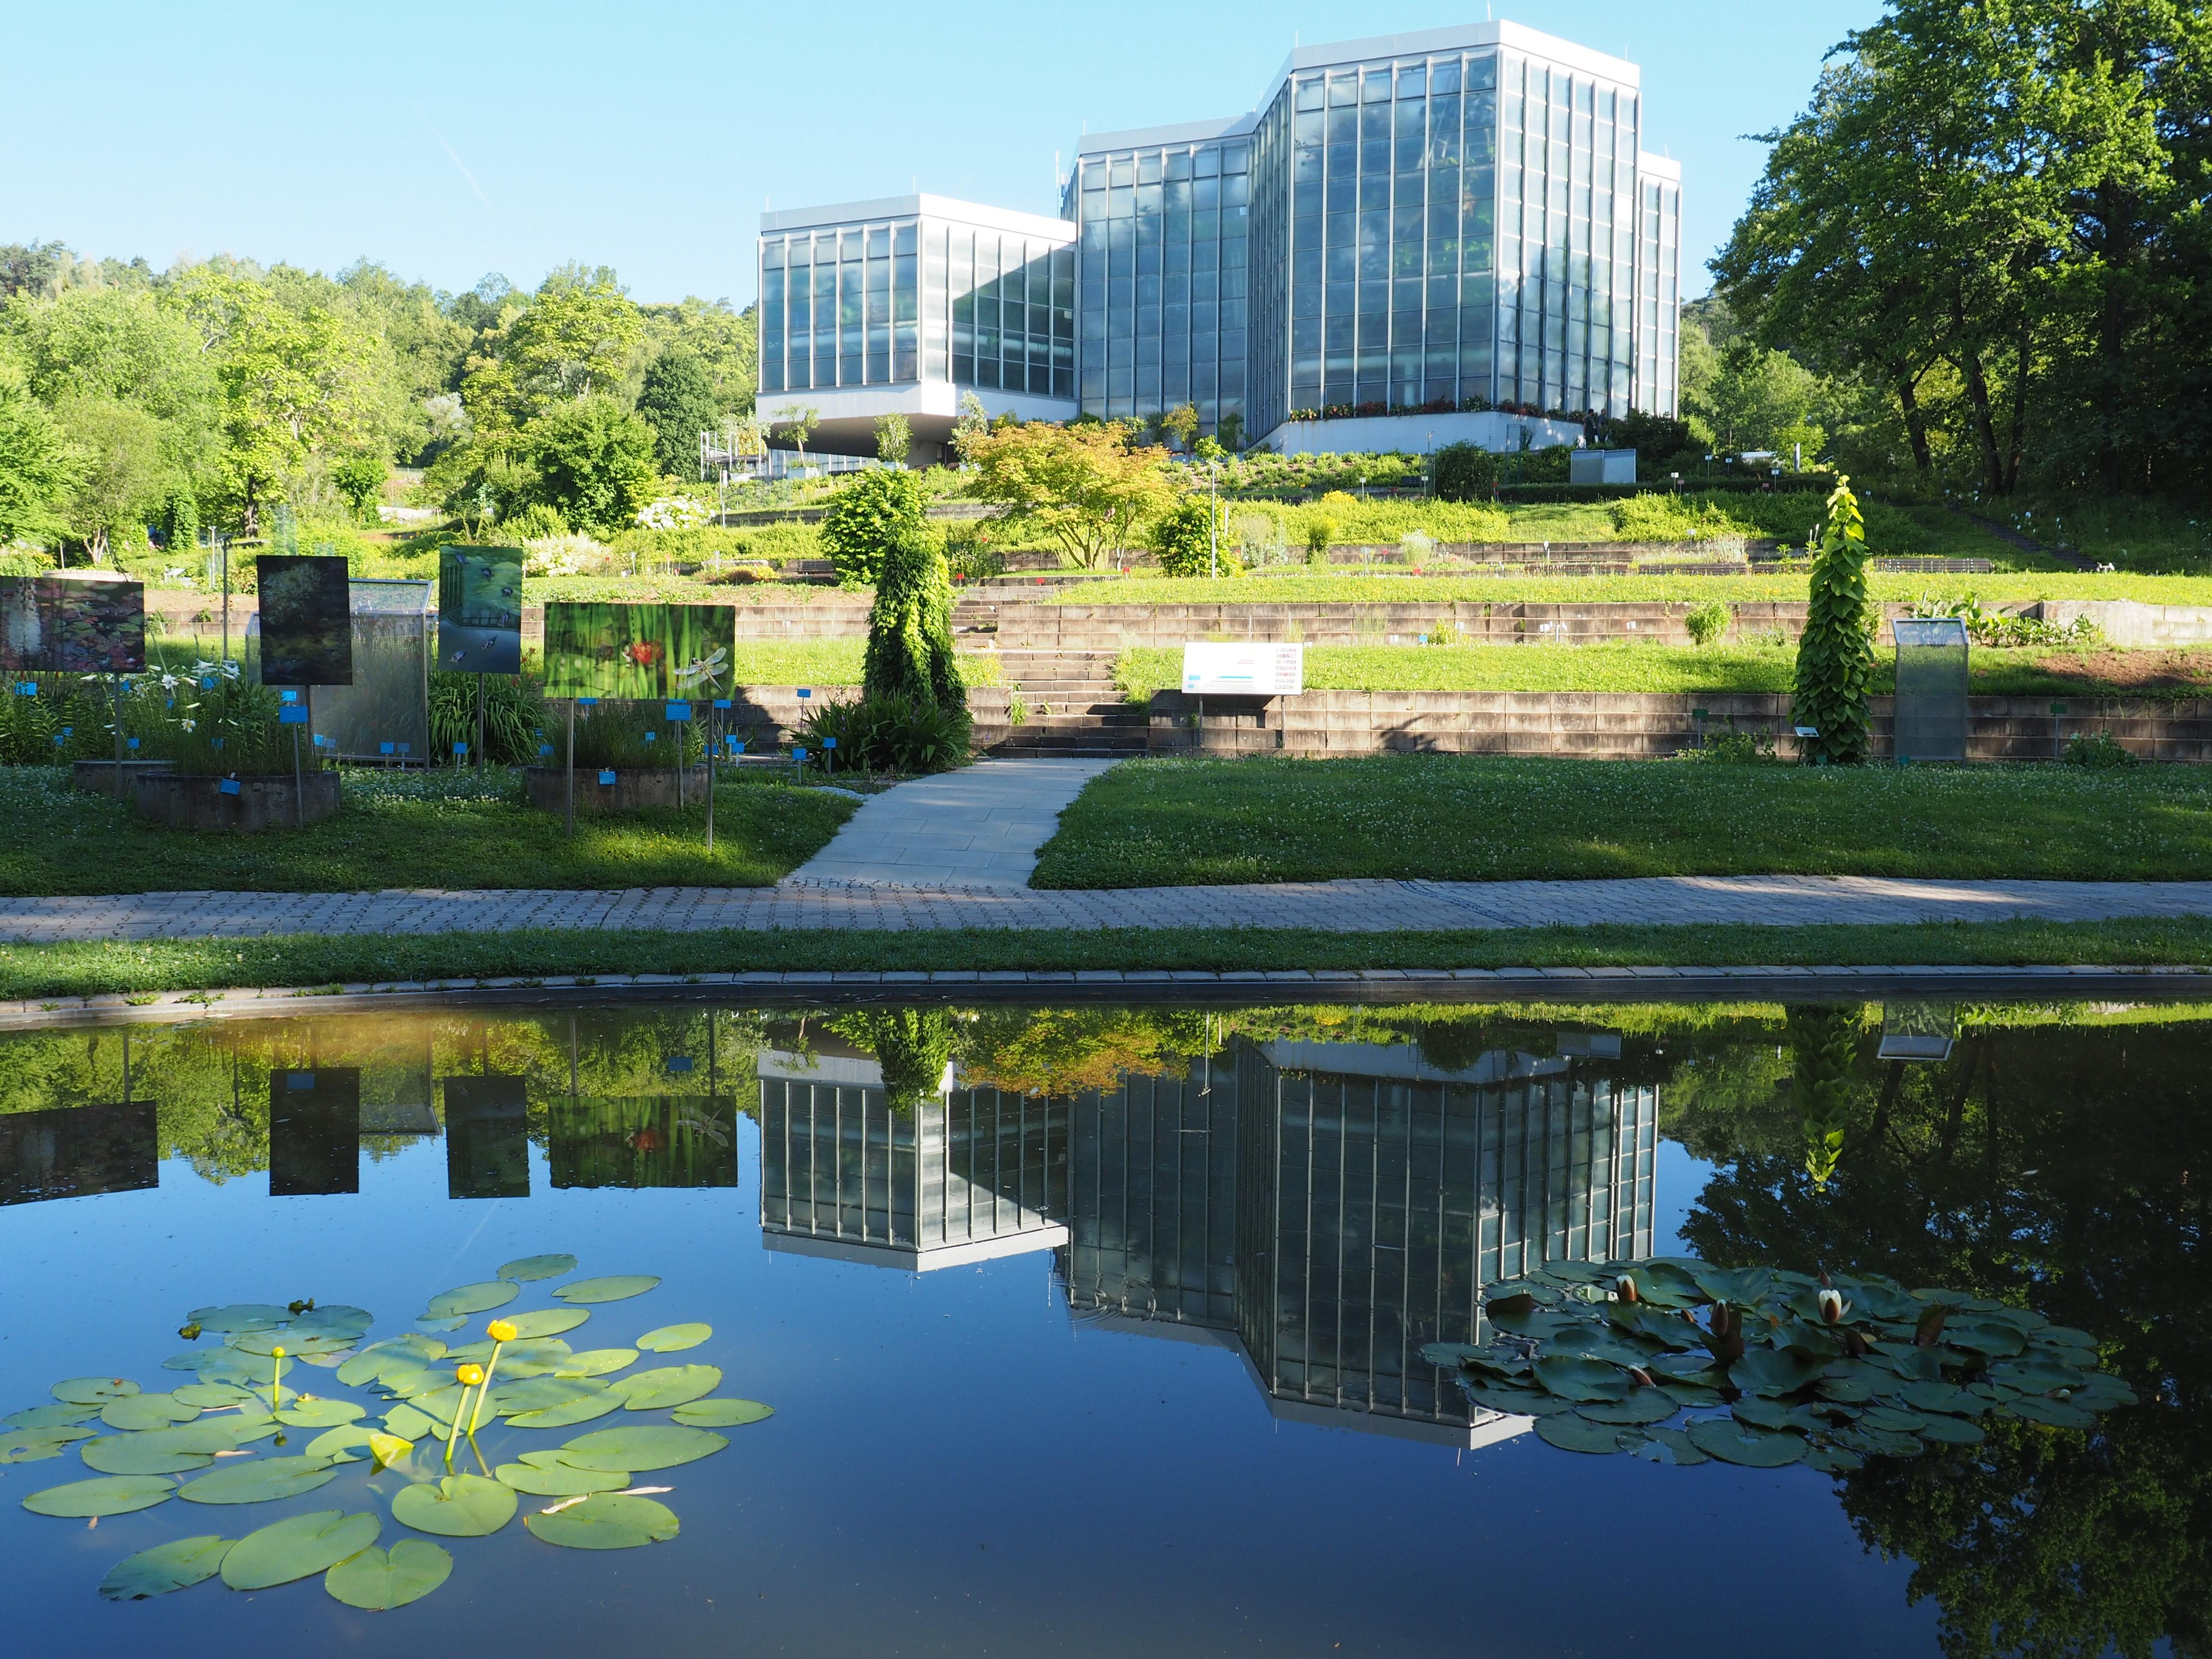 Willkommen Im Botanischen Garten Universitat Tubingen